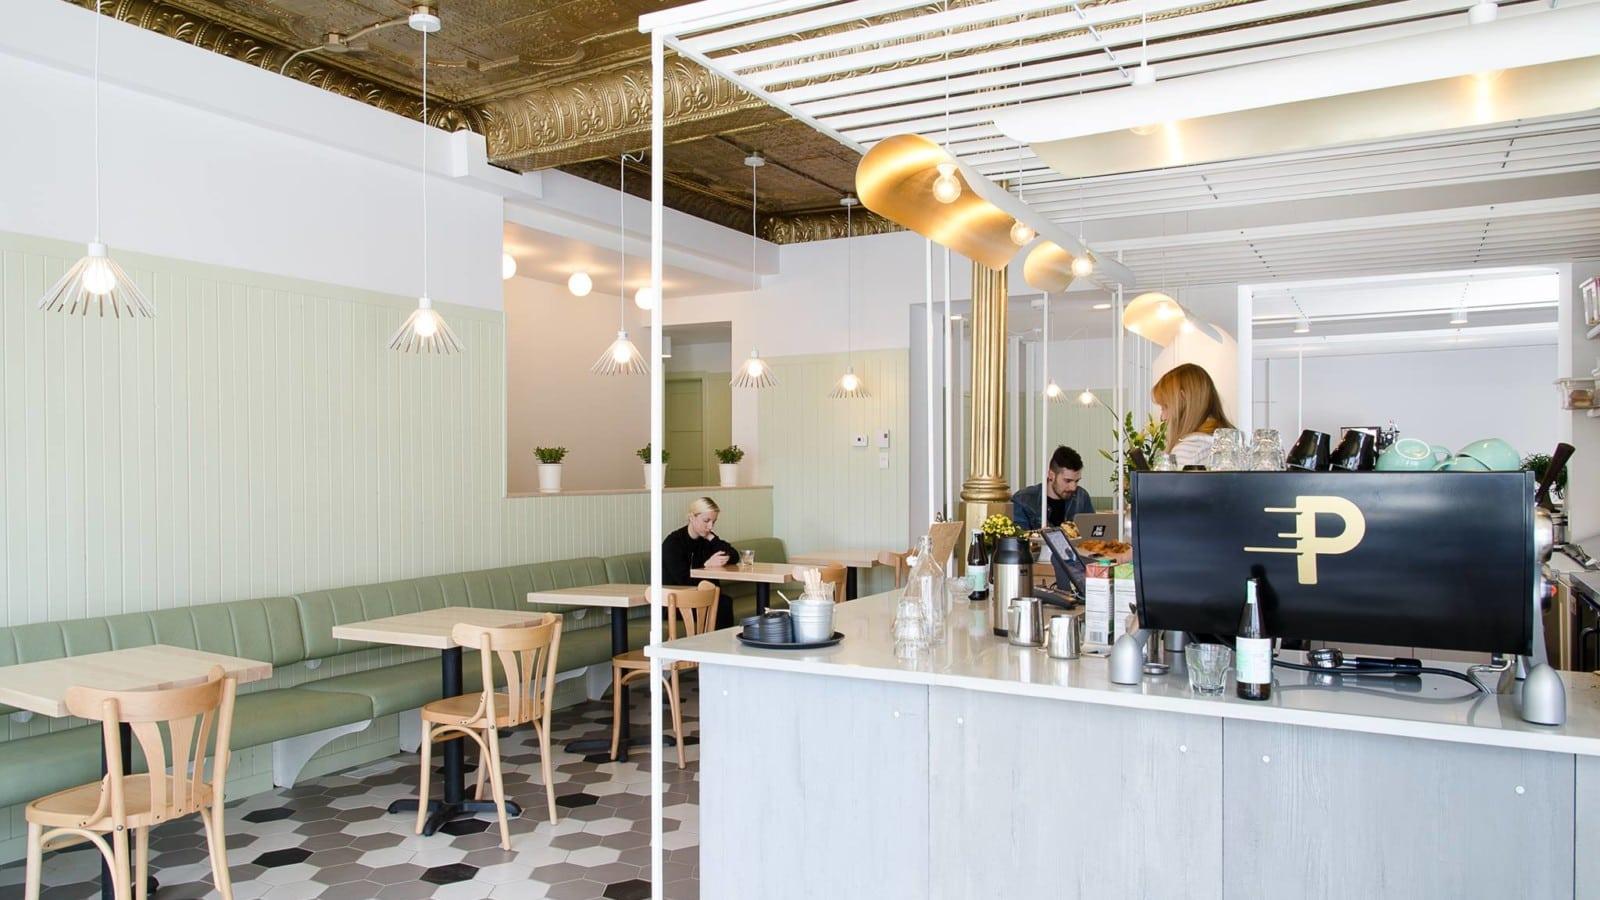 plus beaux cafés montreal pista